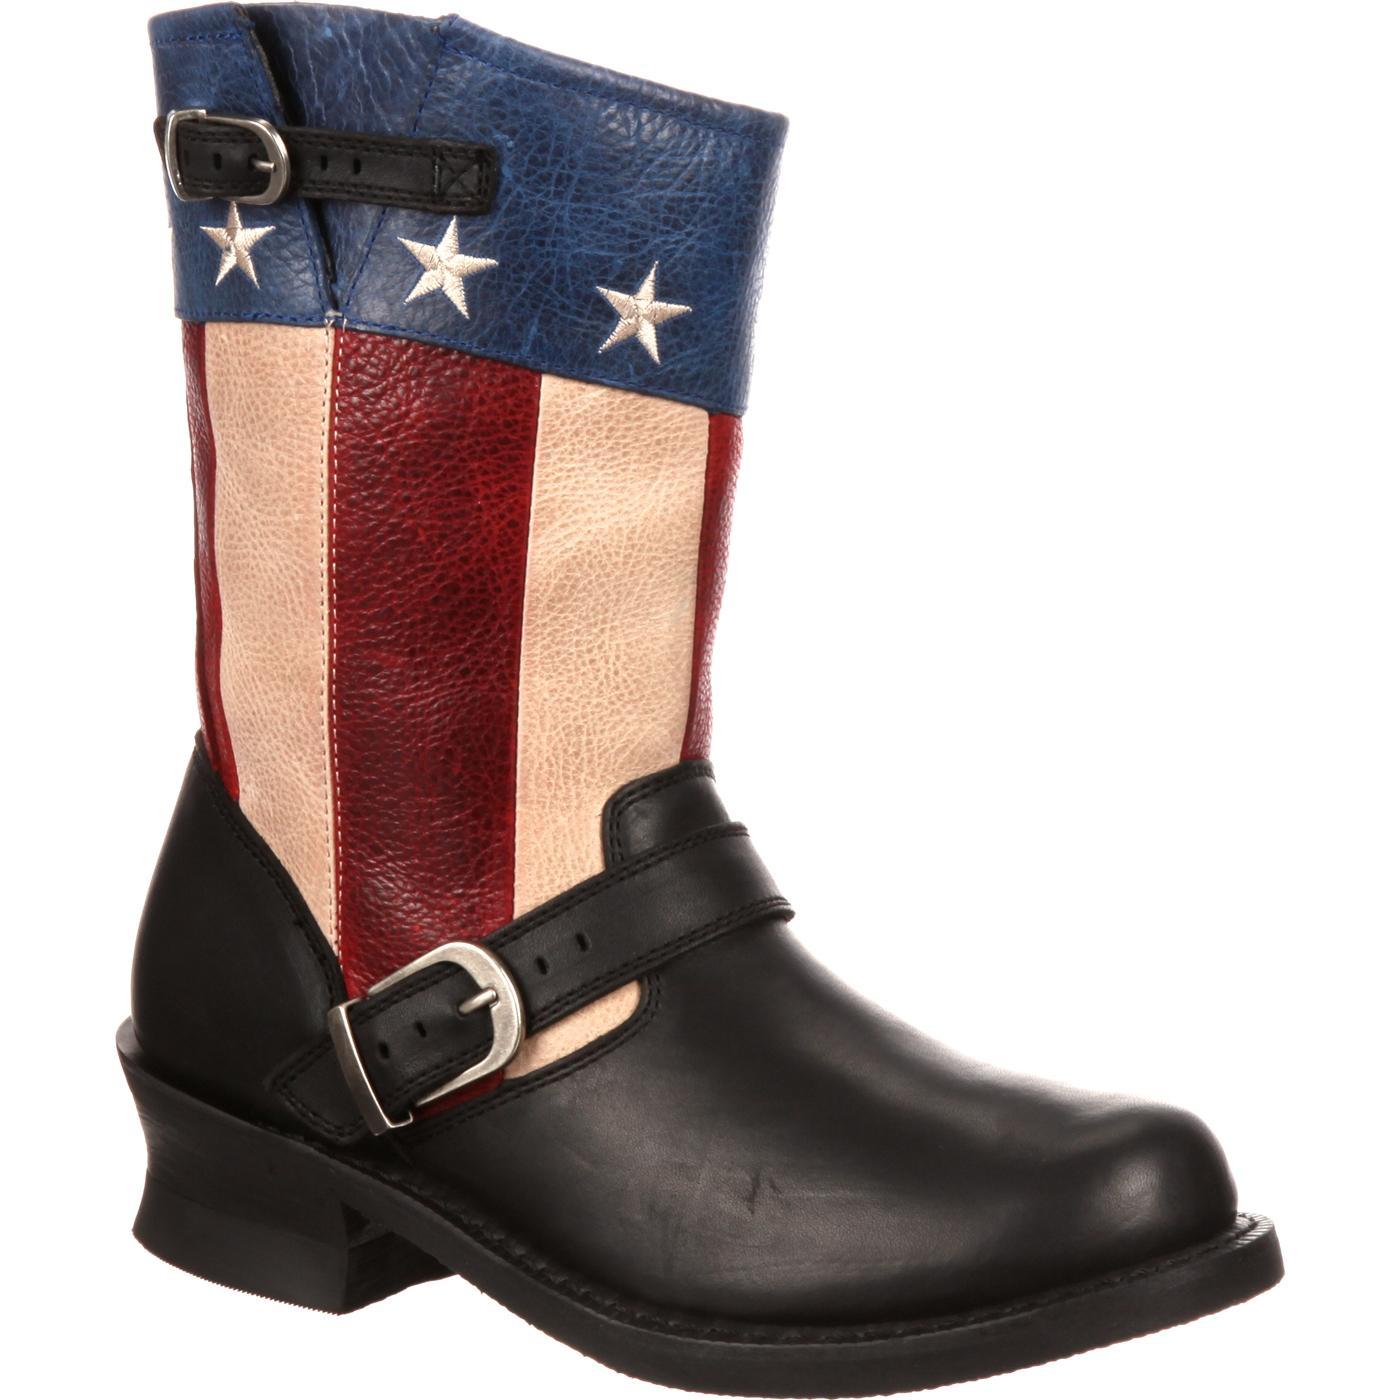 f7e823234a4 Durango City Women's SoHo Patriotic Engineer Flag Boot